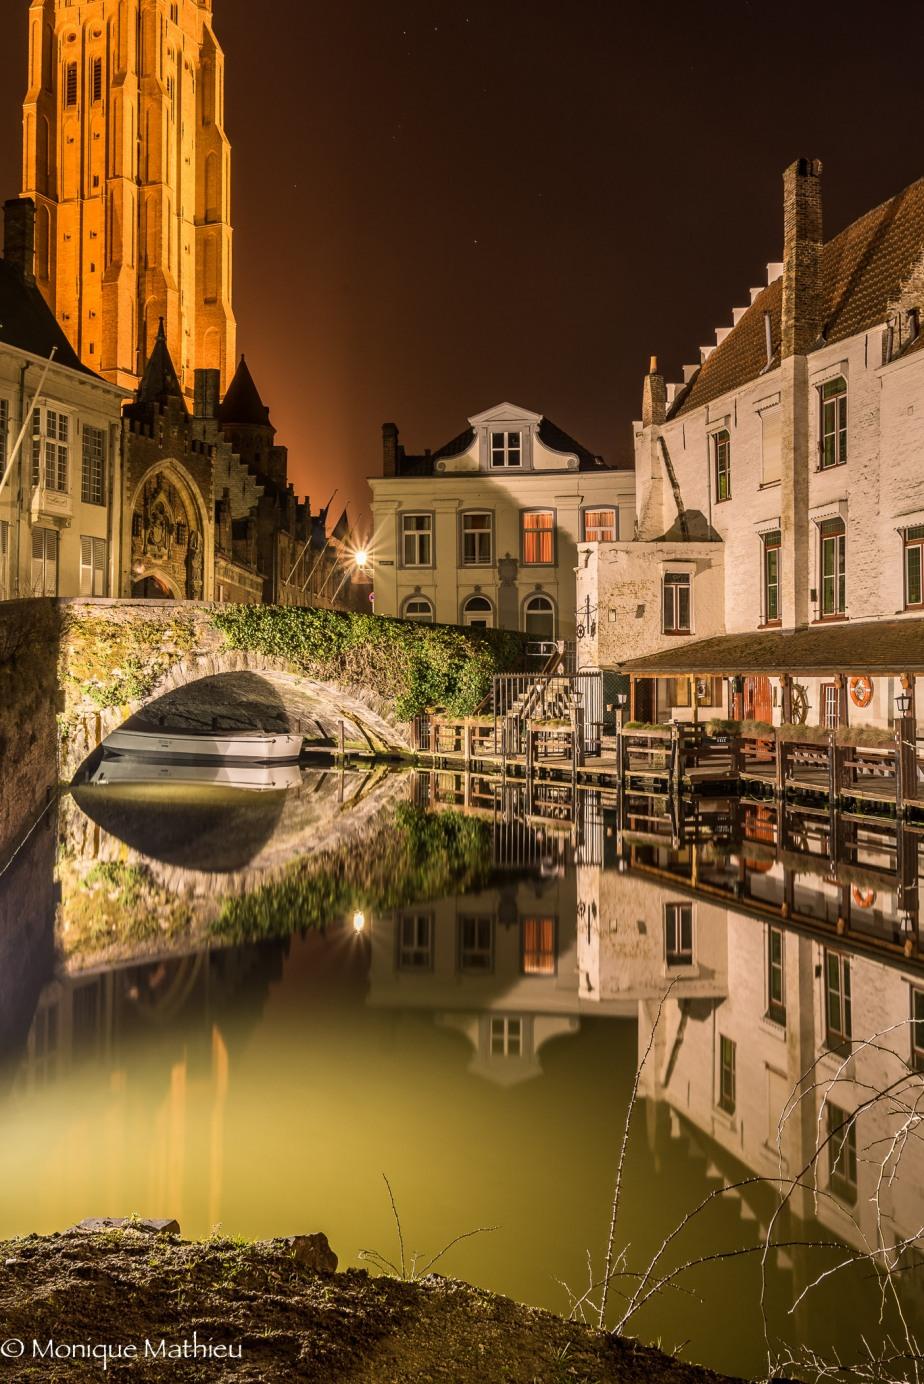 Brugge zur Abendstunde